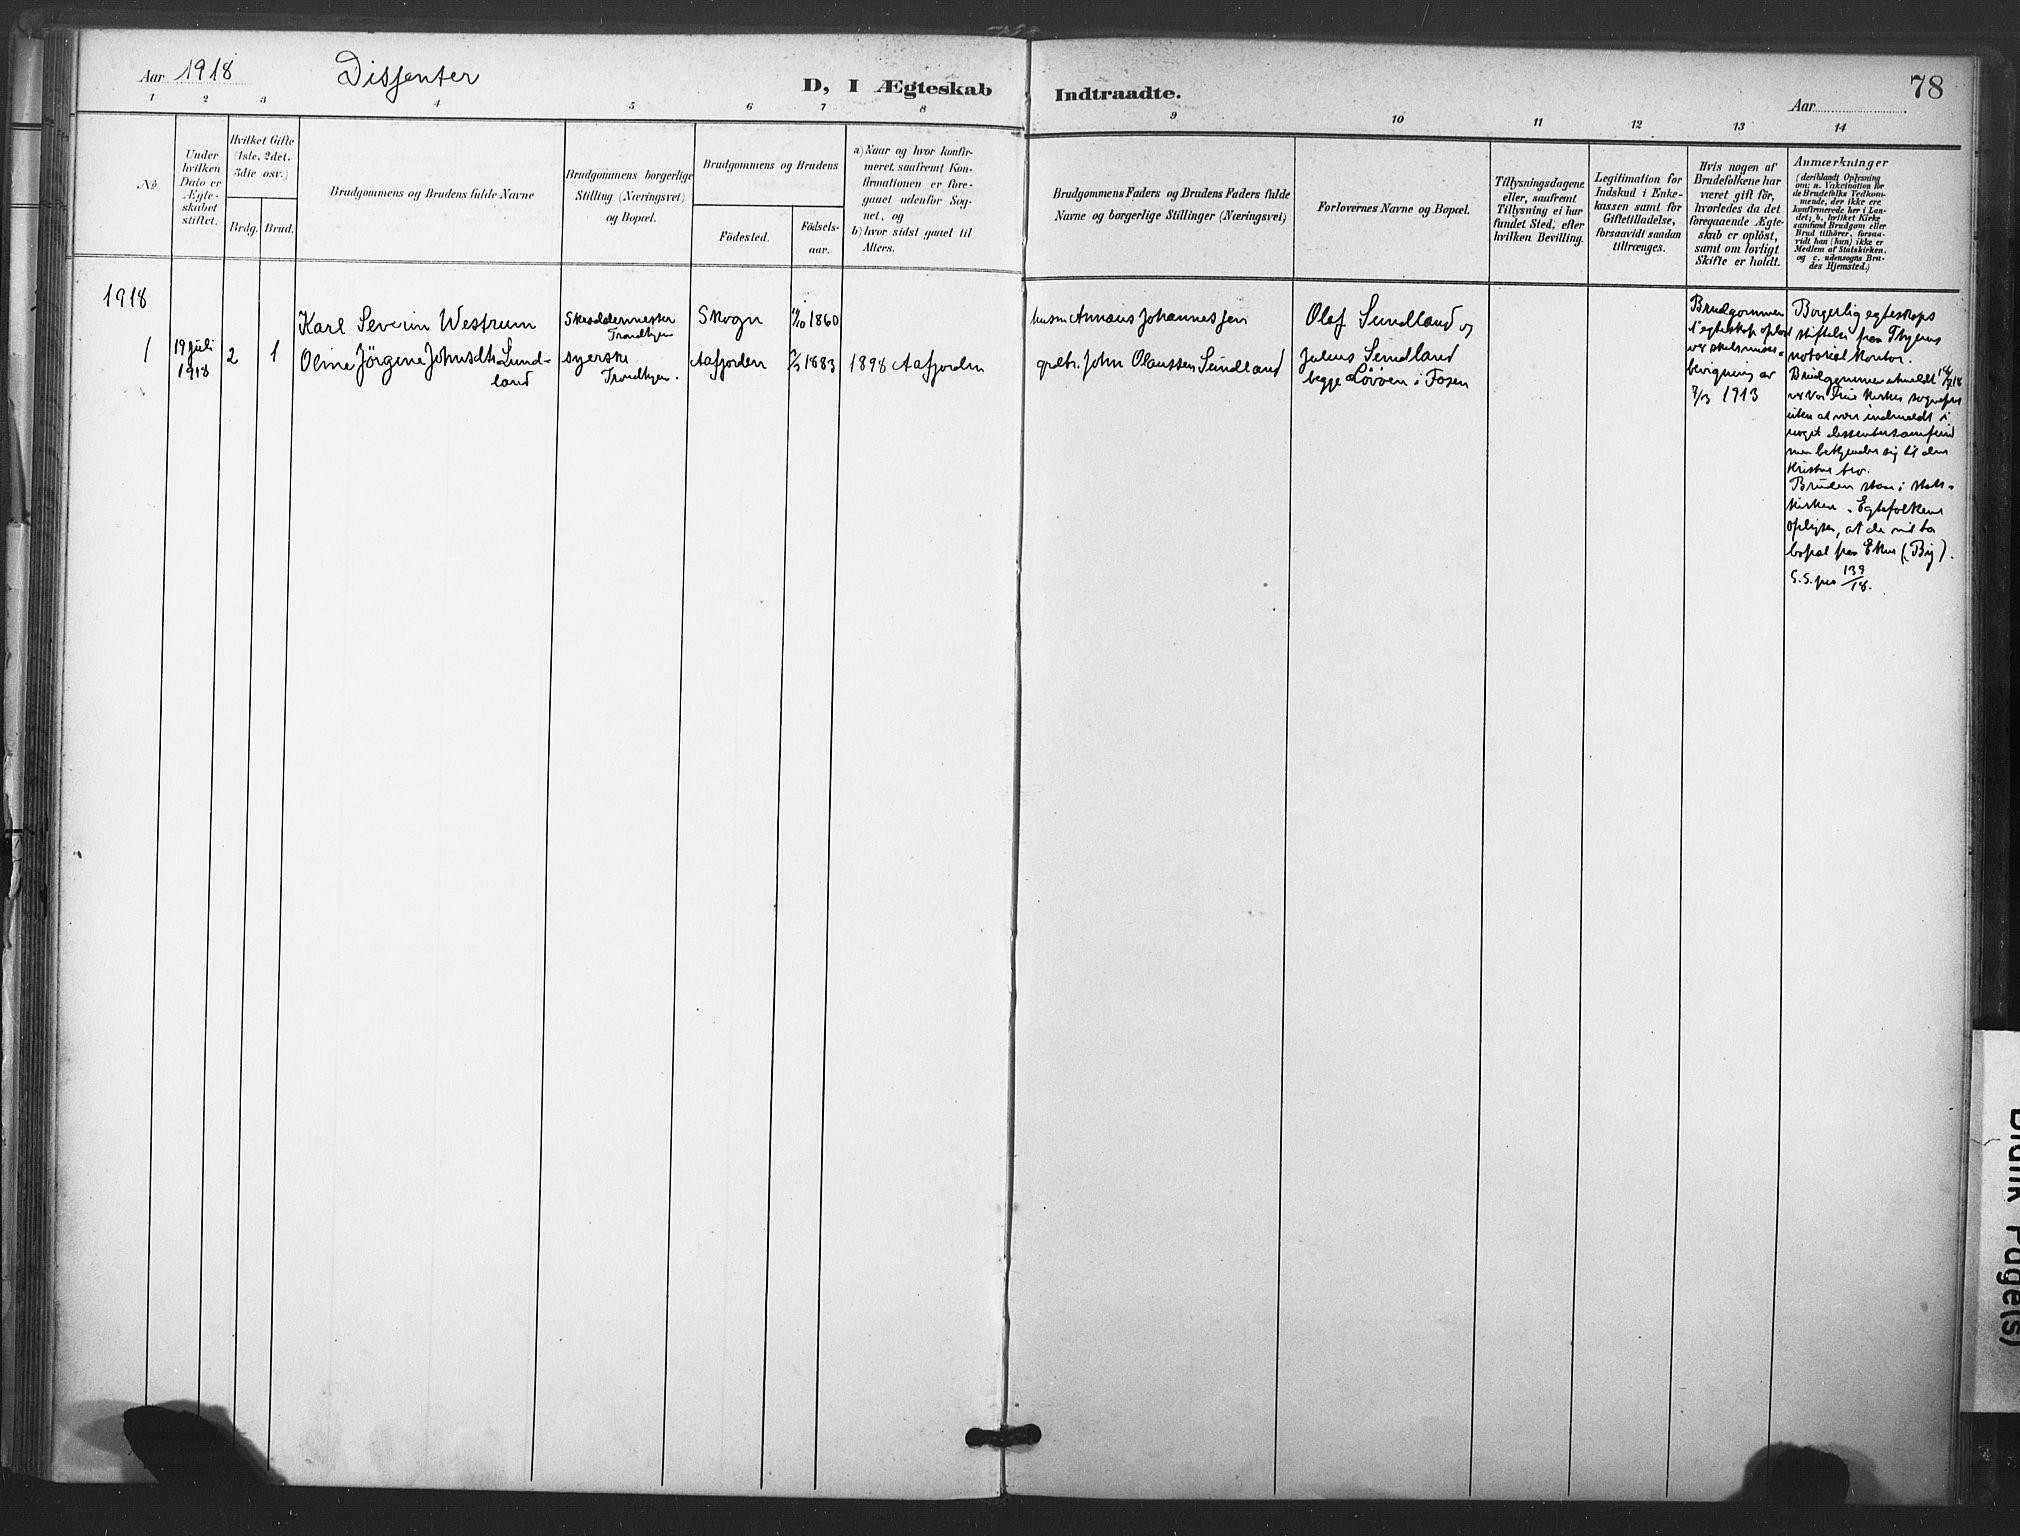 SAT, Ministerialprotokoller, klokkerbøker og fødselsregistre - Nord-Trøndelag, 719/L0179: Ministerialbok nr. 719A02, 1901-1923, s. 78